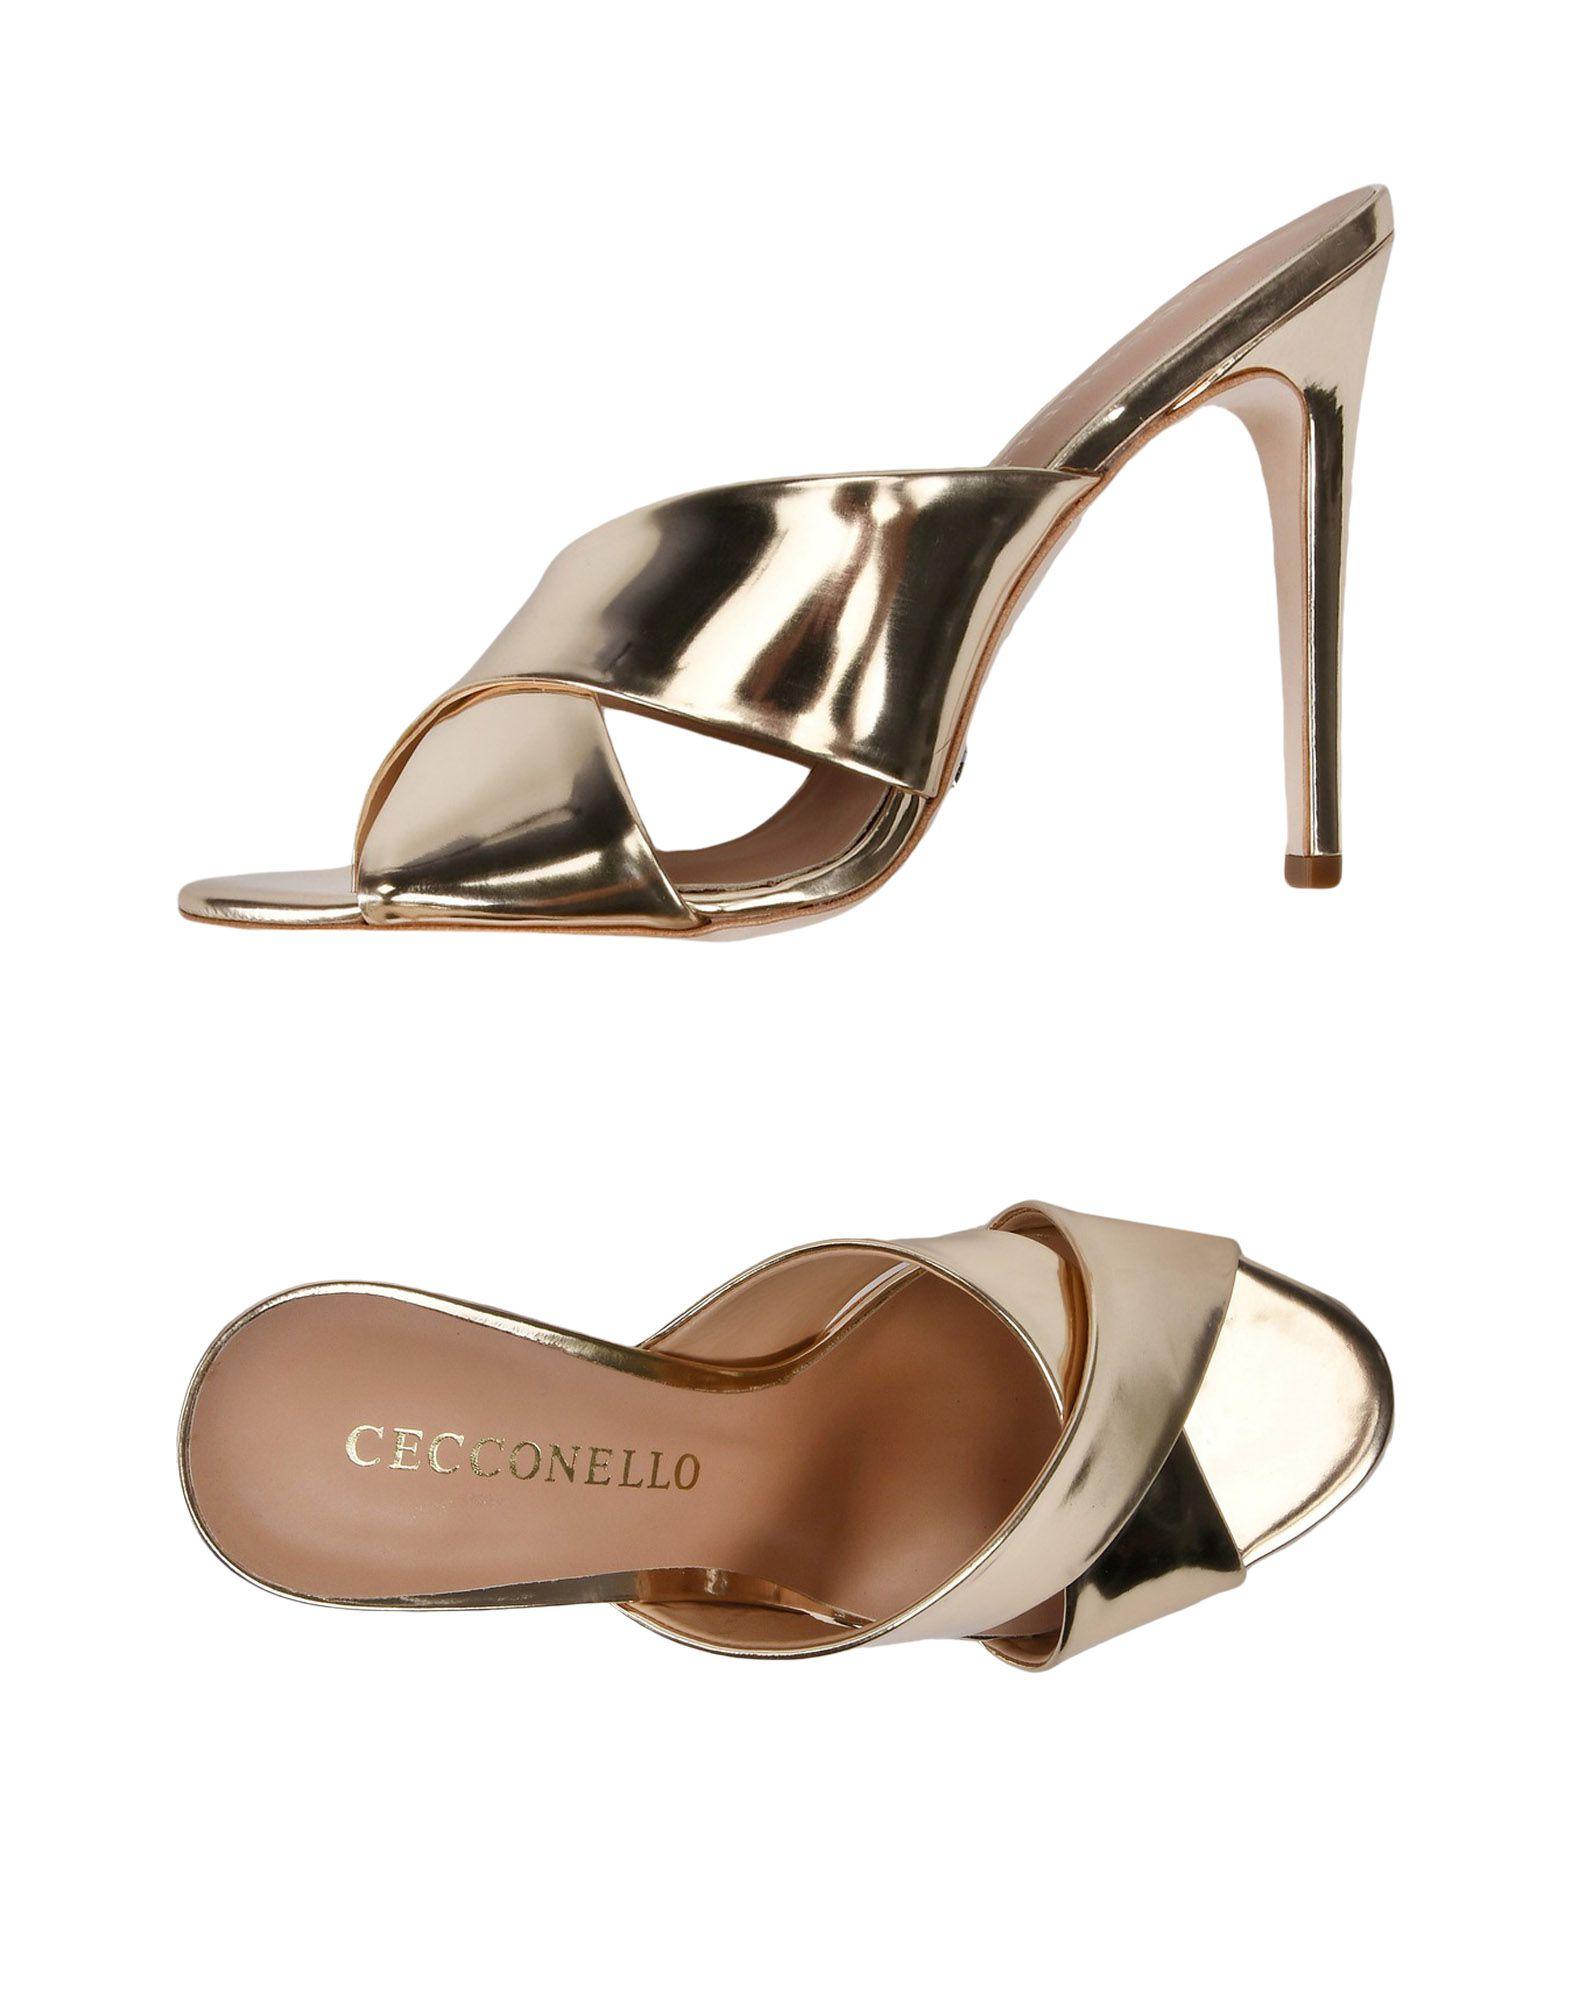 c44a1571c Cecconello Sandals - Women Cecconello Sandals online on YOOX United States  - 11253331VV